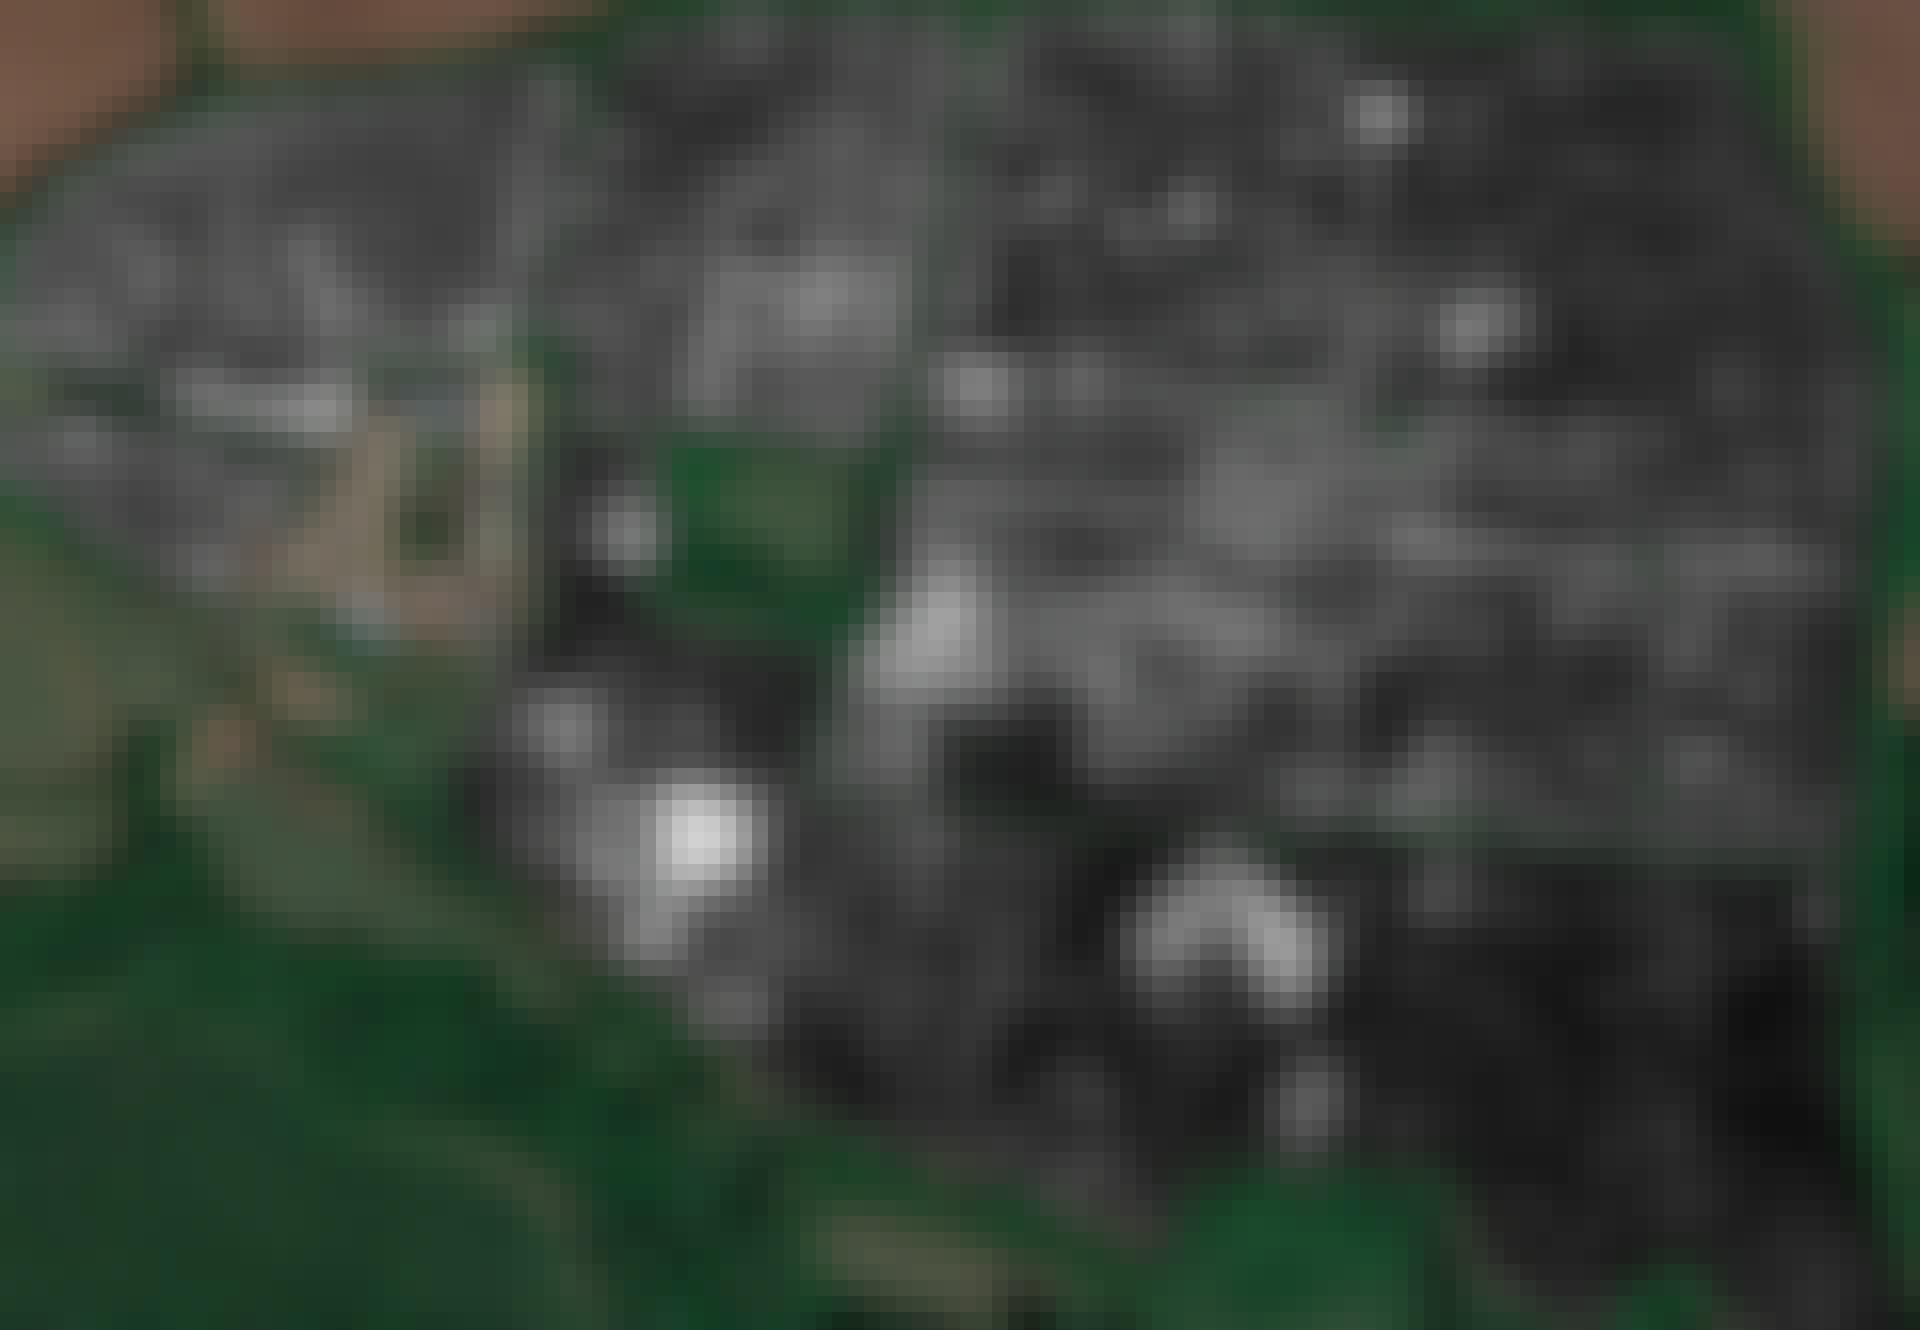 Falerii Novi, radarbilleder af antik by